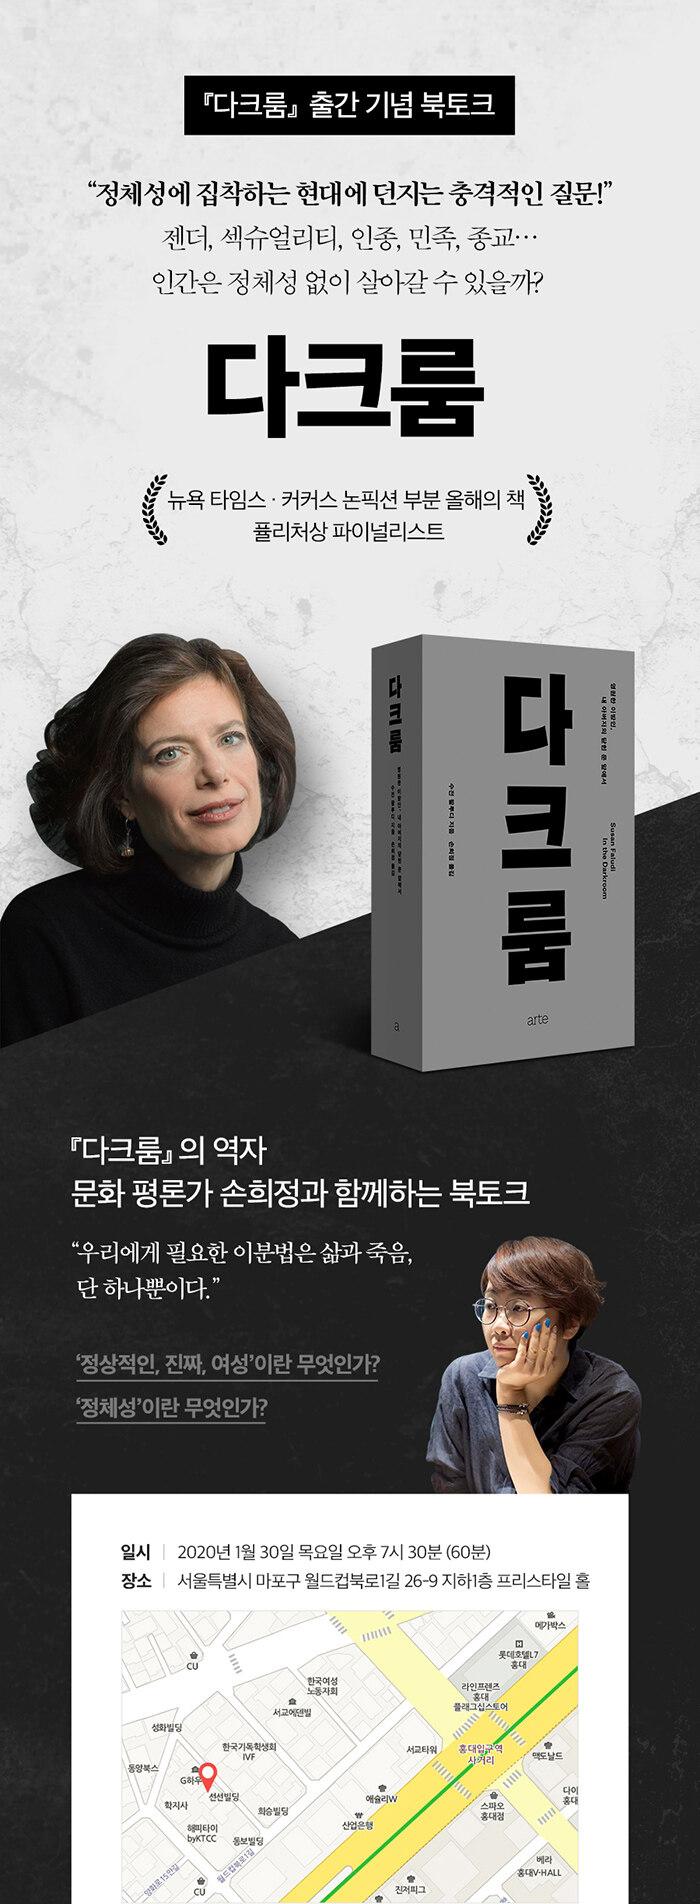 <다크룸> 역자 강연회